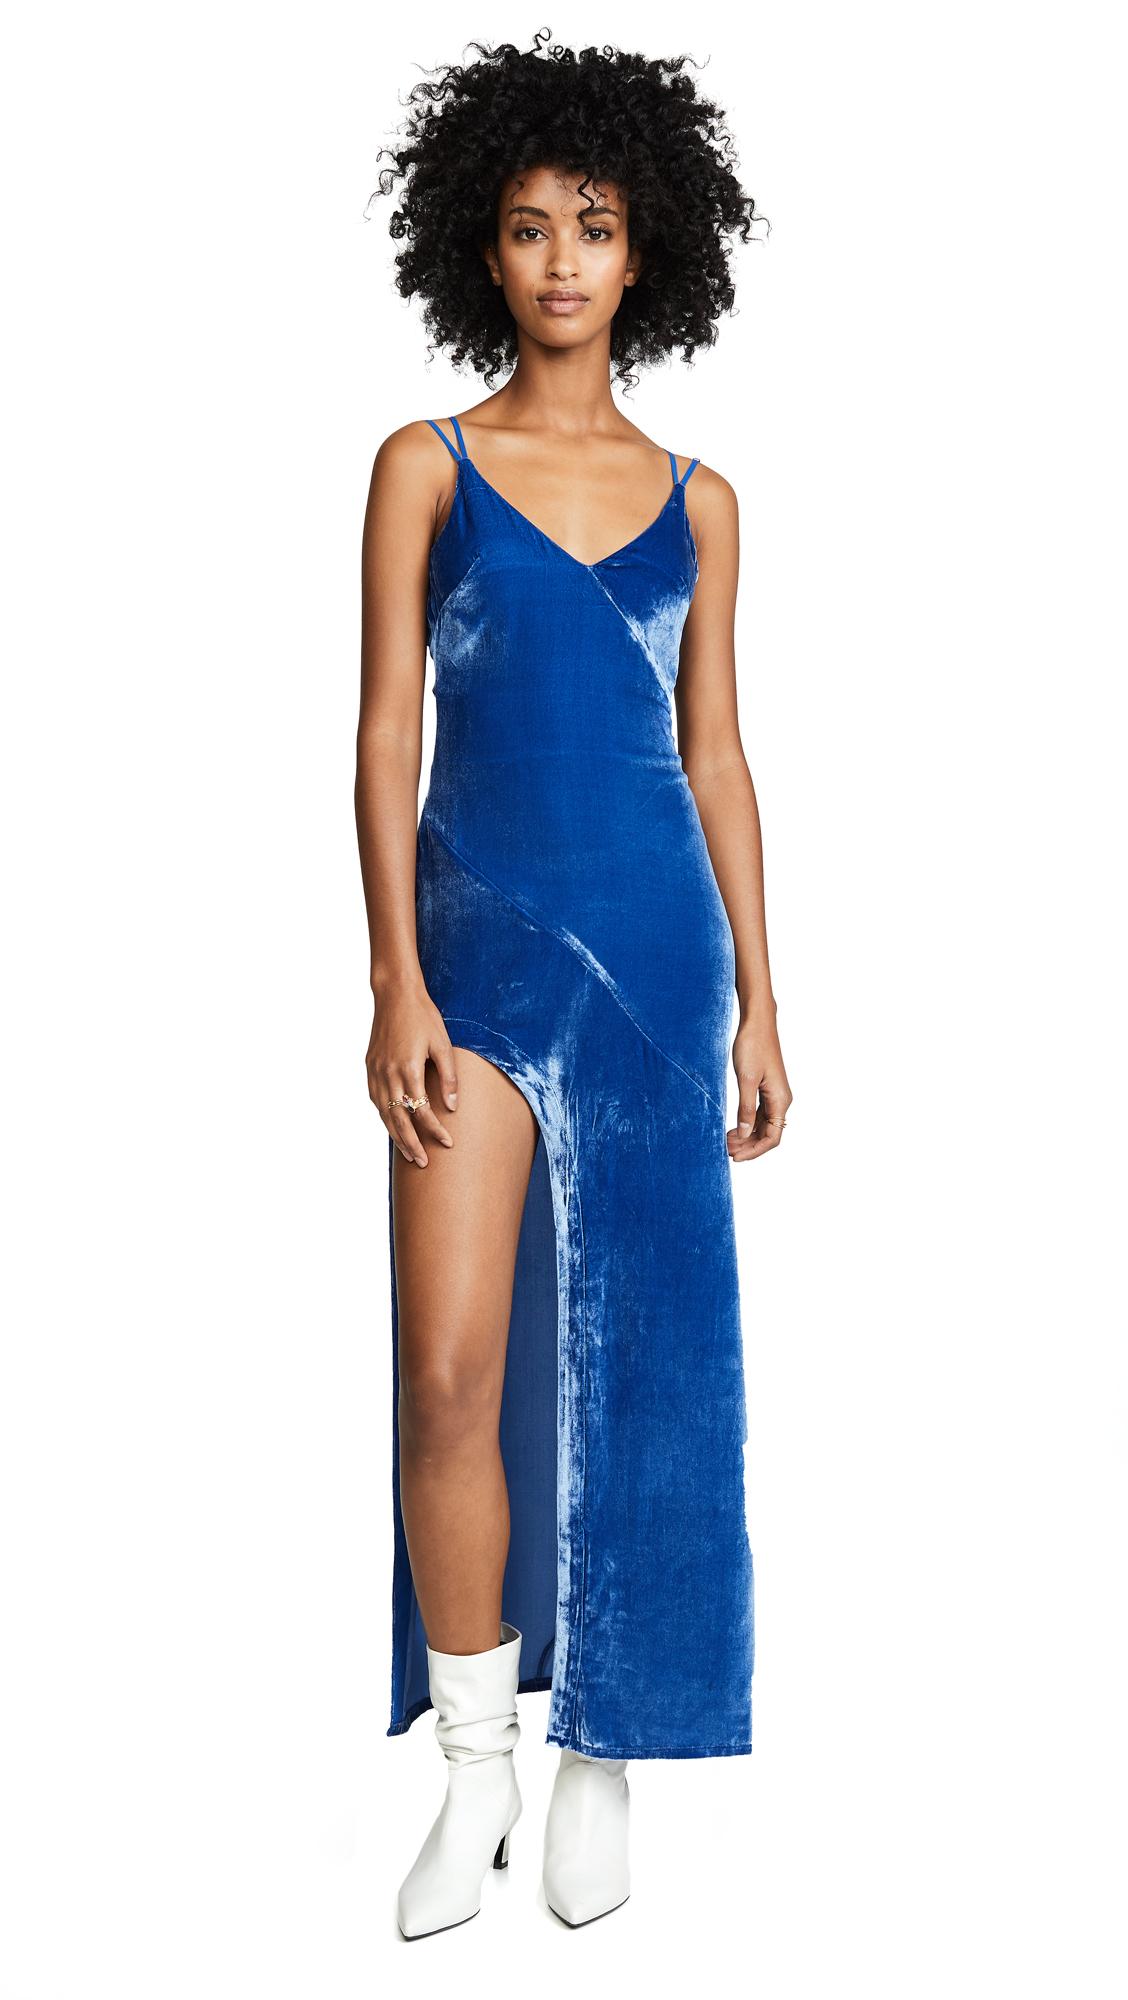 For Love & Lemons Nadine Velvet Maxi Dress